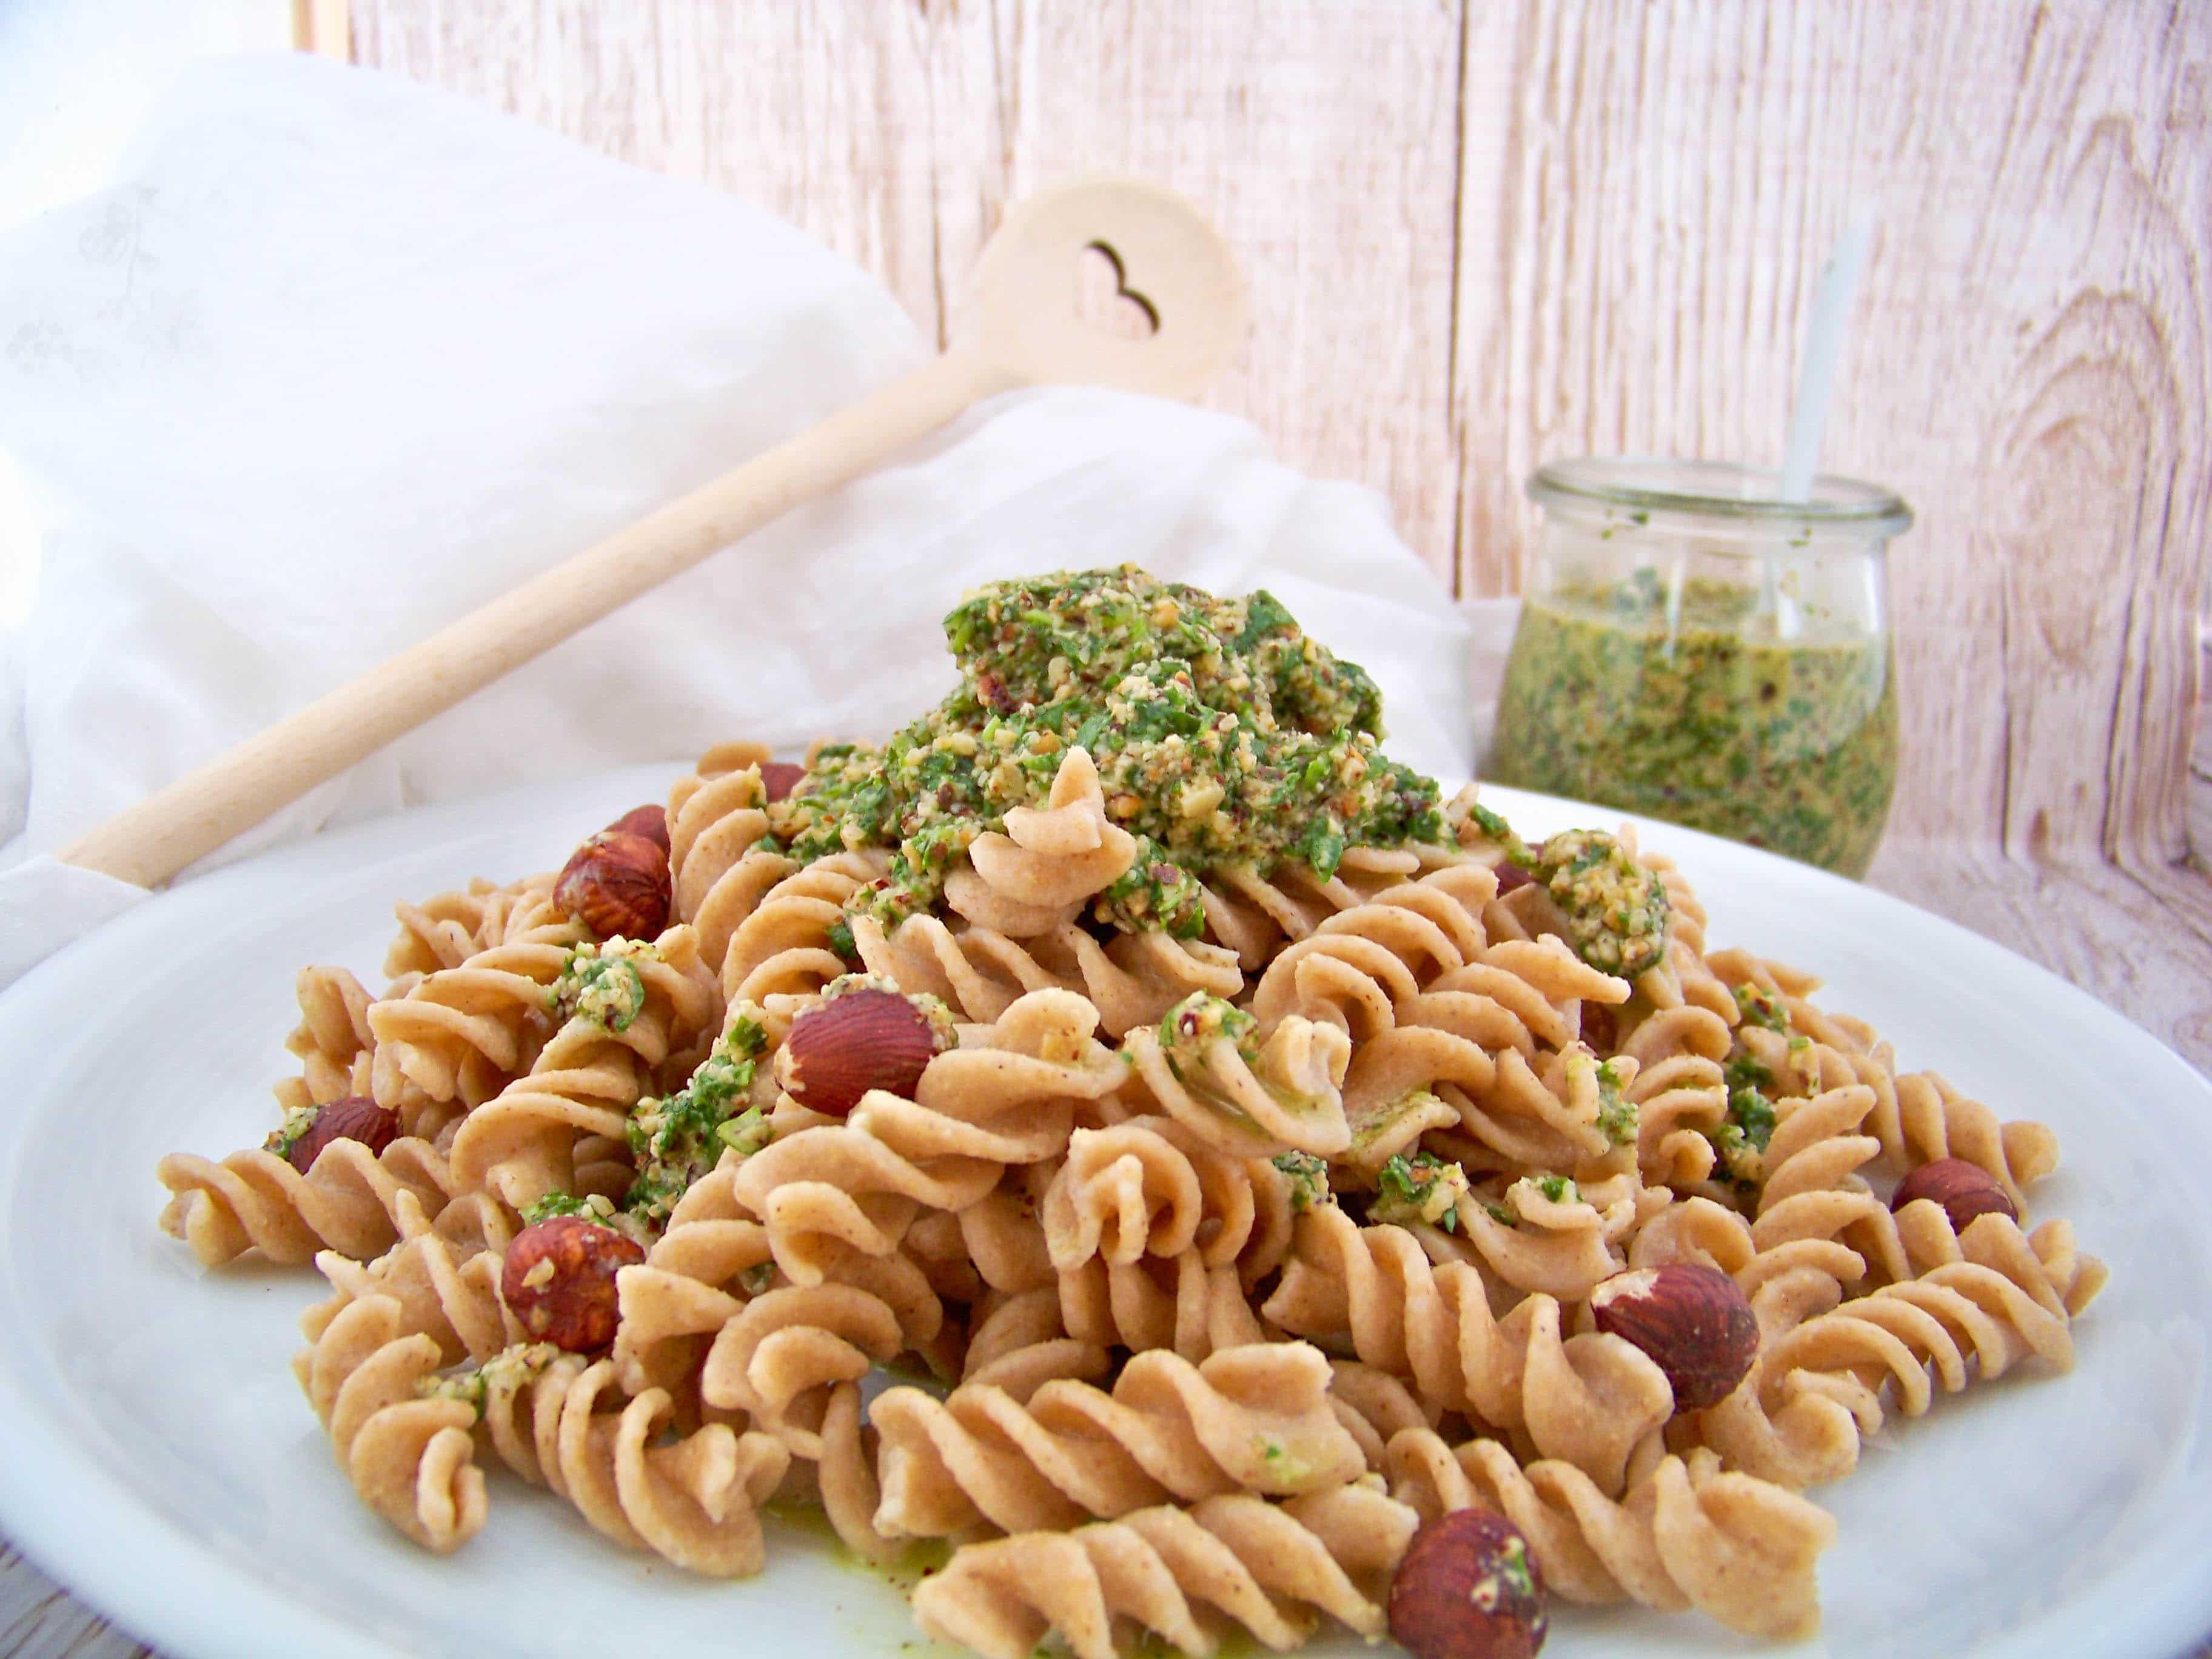 Nuss-Pesto selber machen, Nudeln mit Rucola-Haselnuss-Pesto